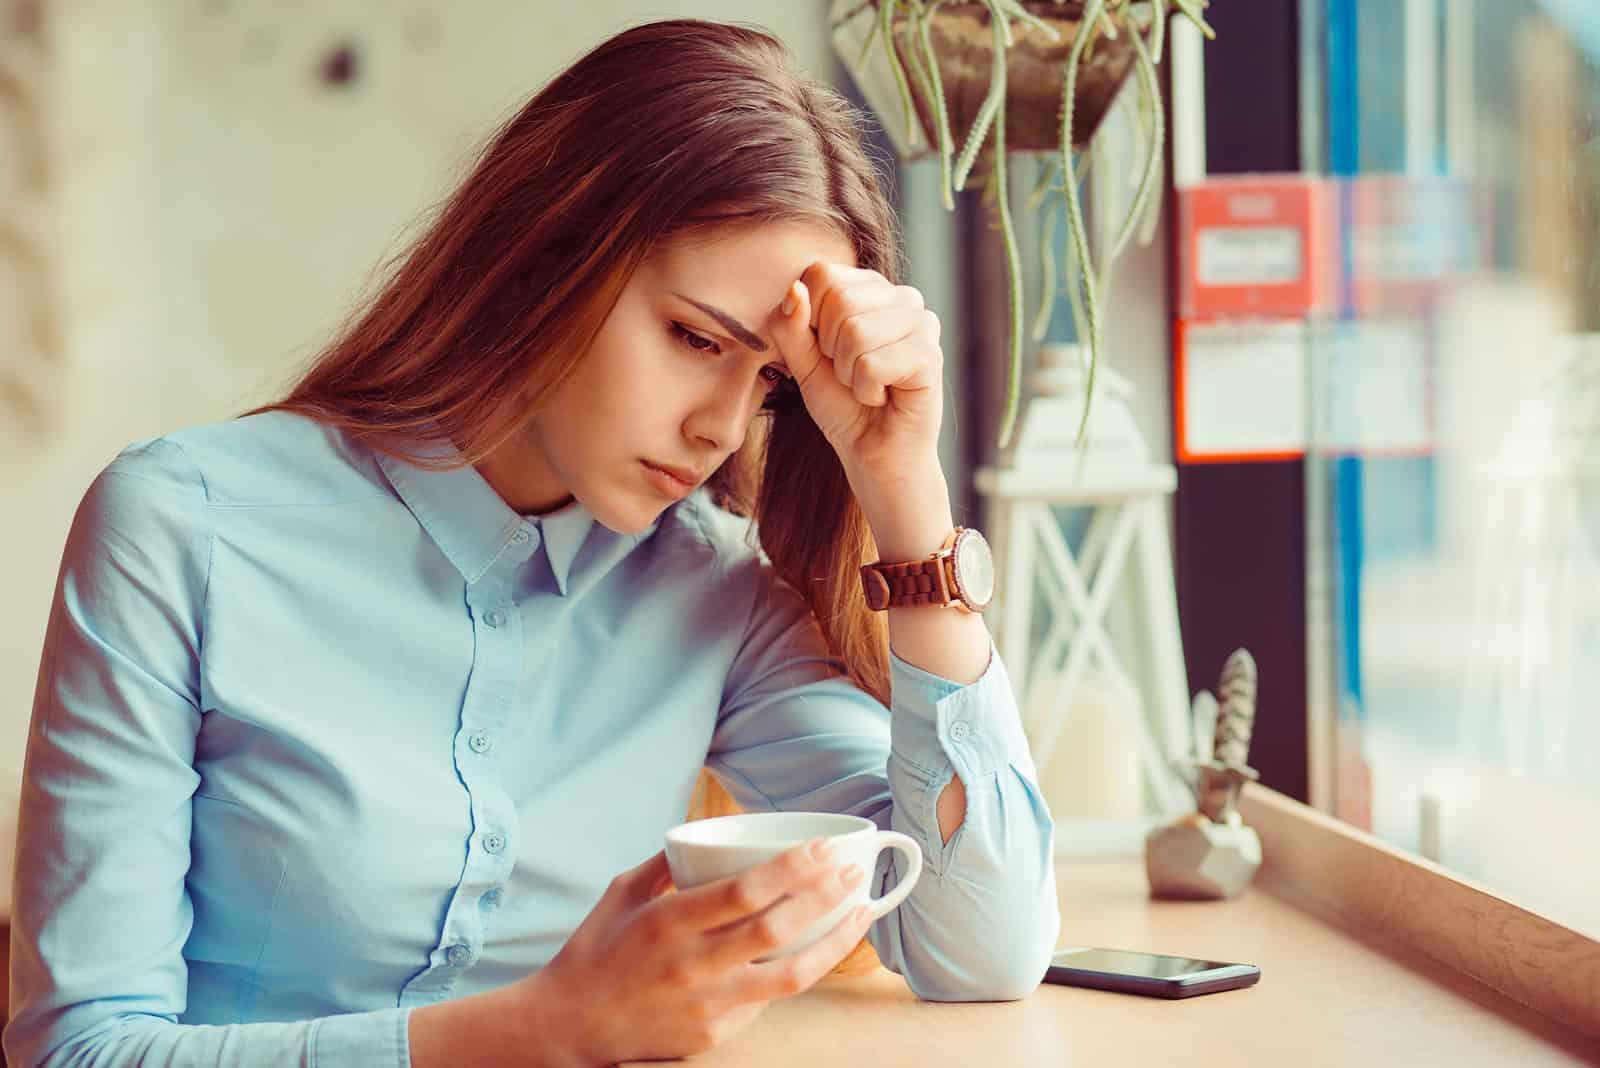 eine enttäuschte Frau, die in einem Café sitzt